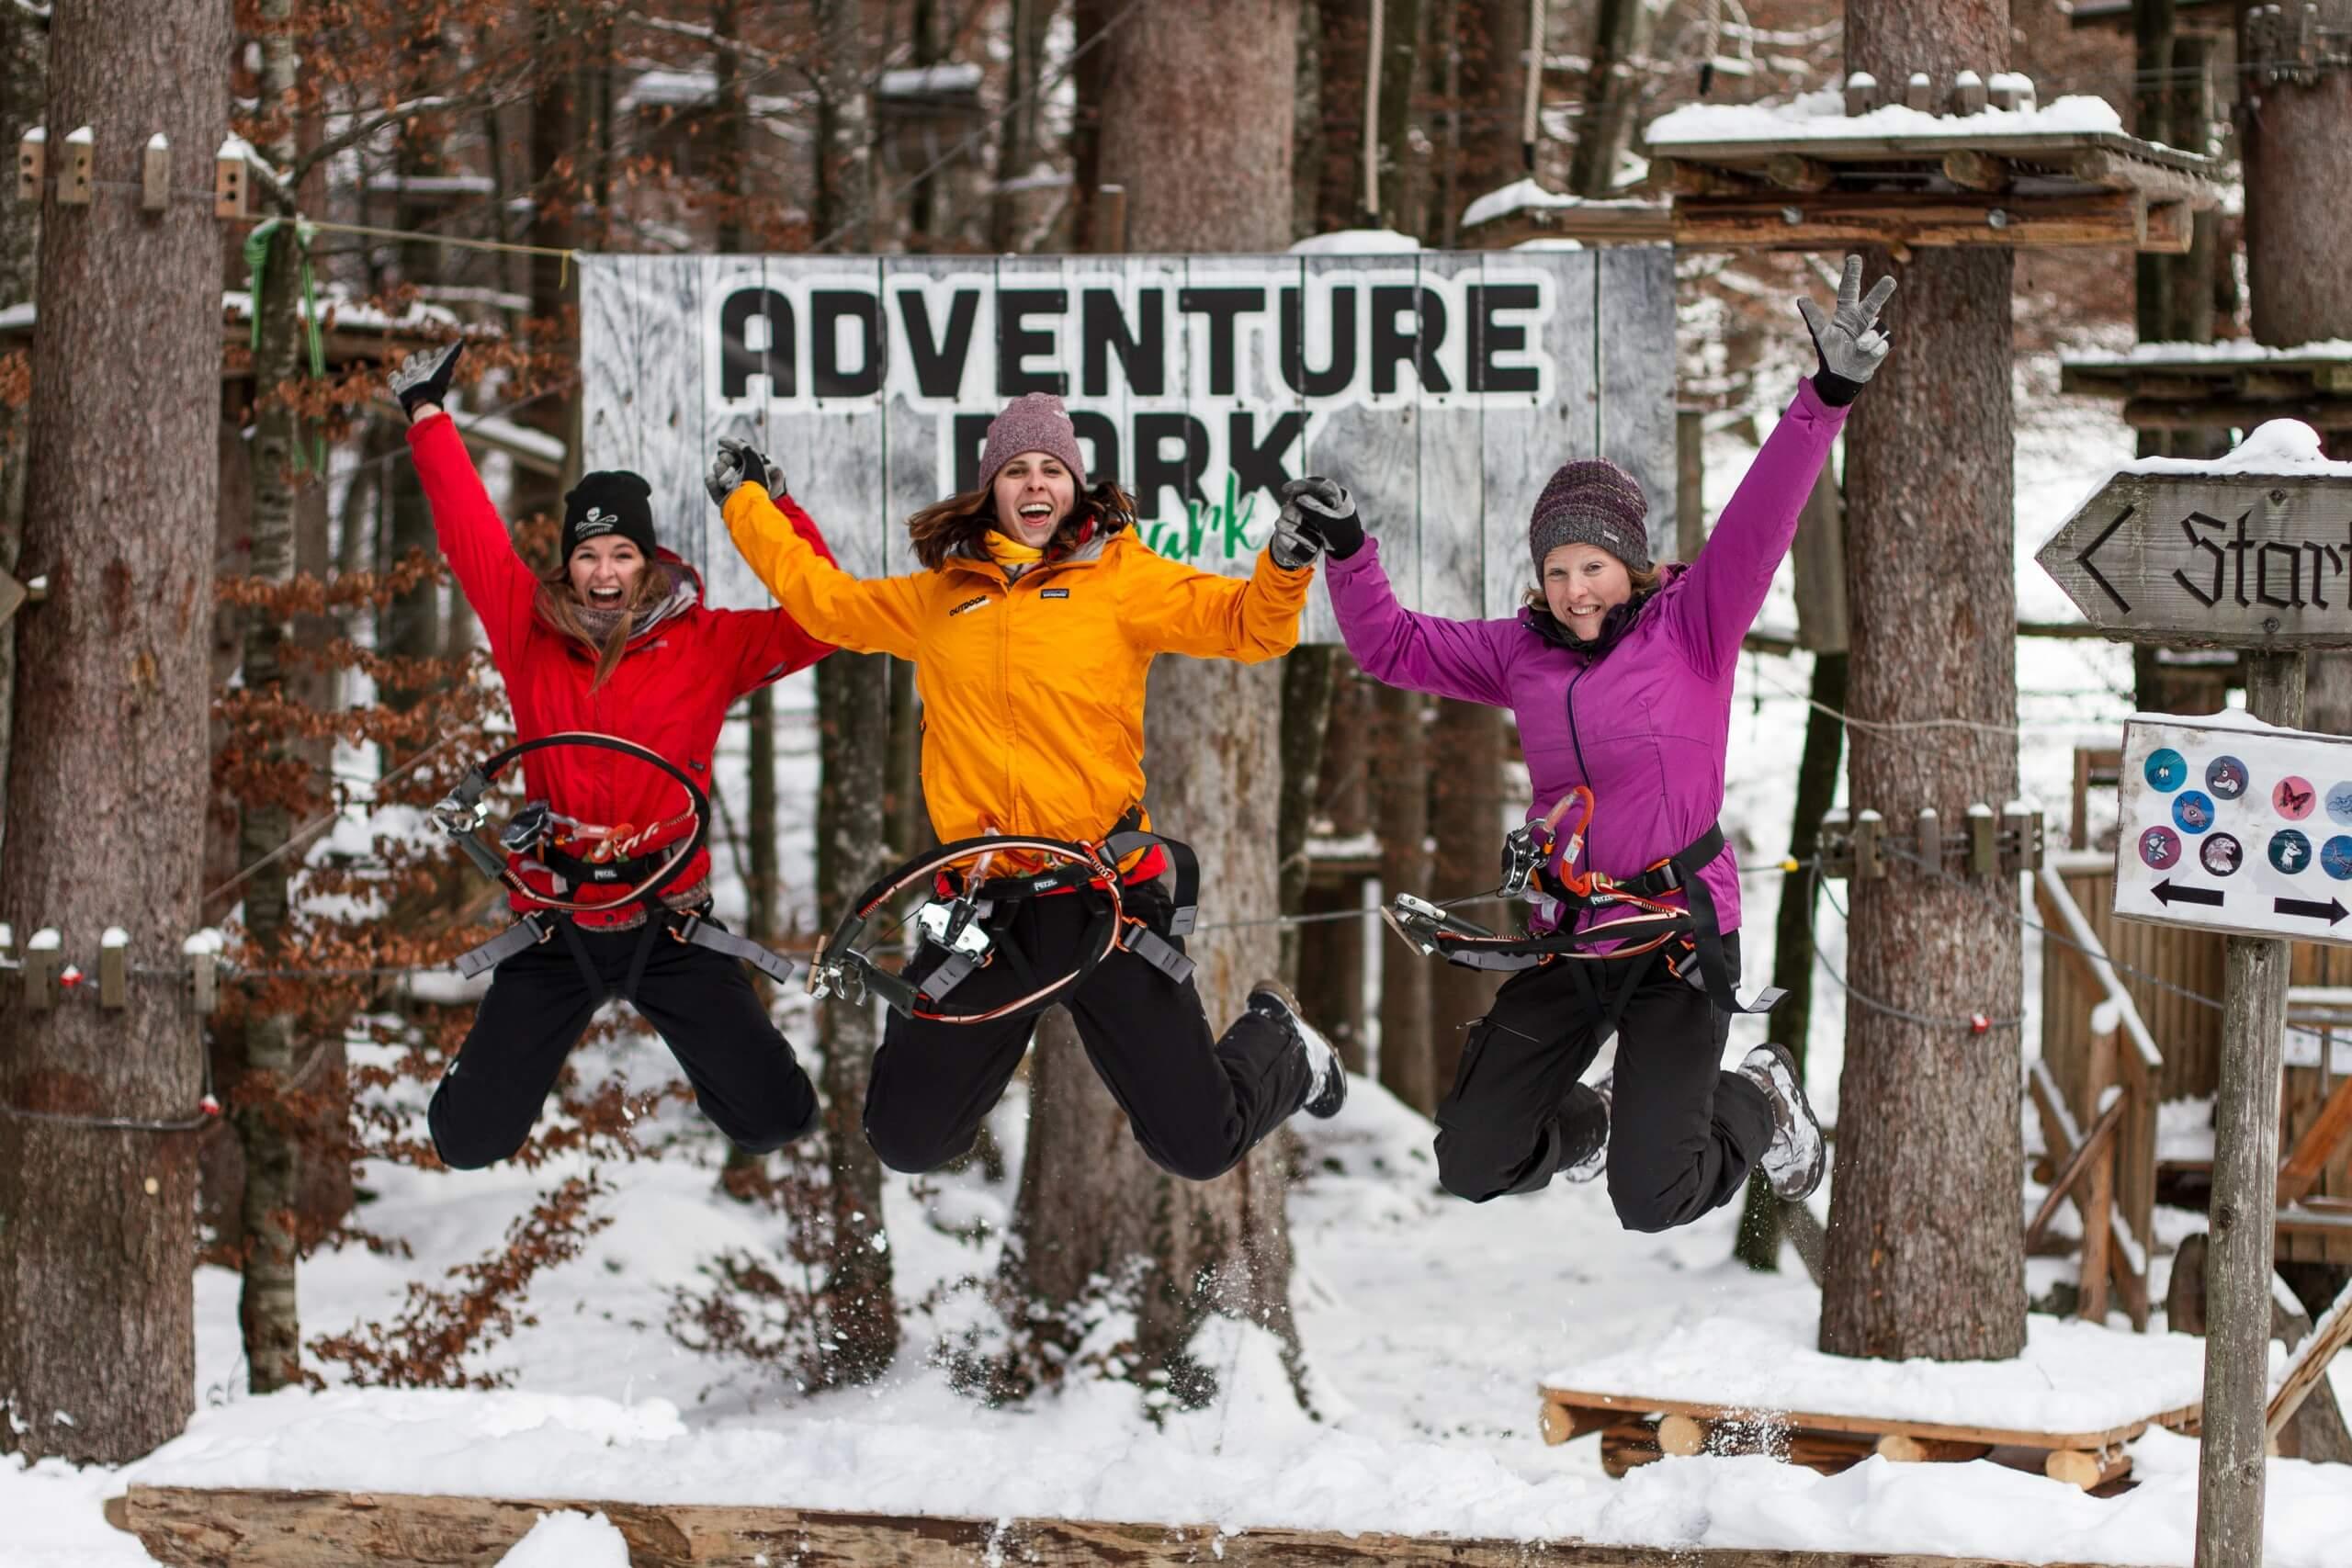 interlaken-adventure-park-winter-sprung.jpg